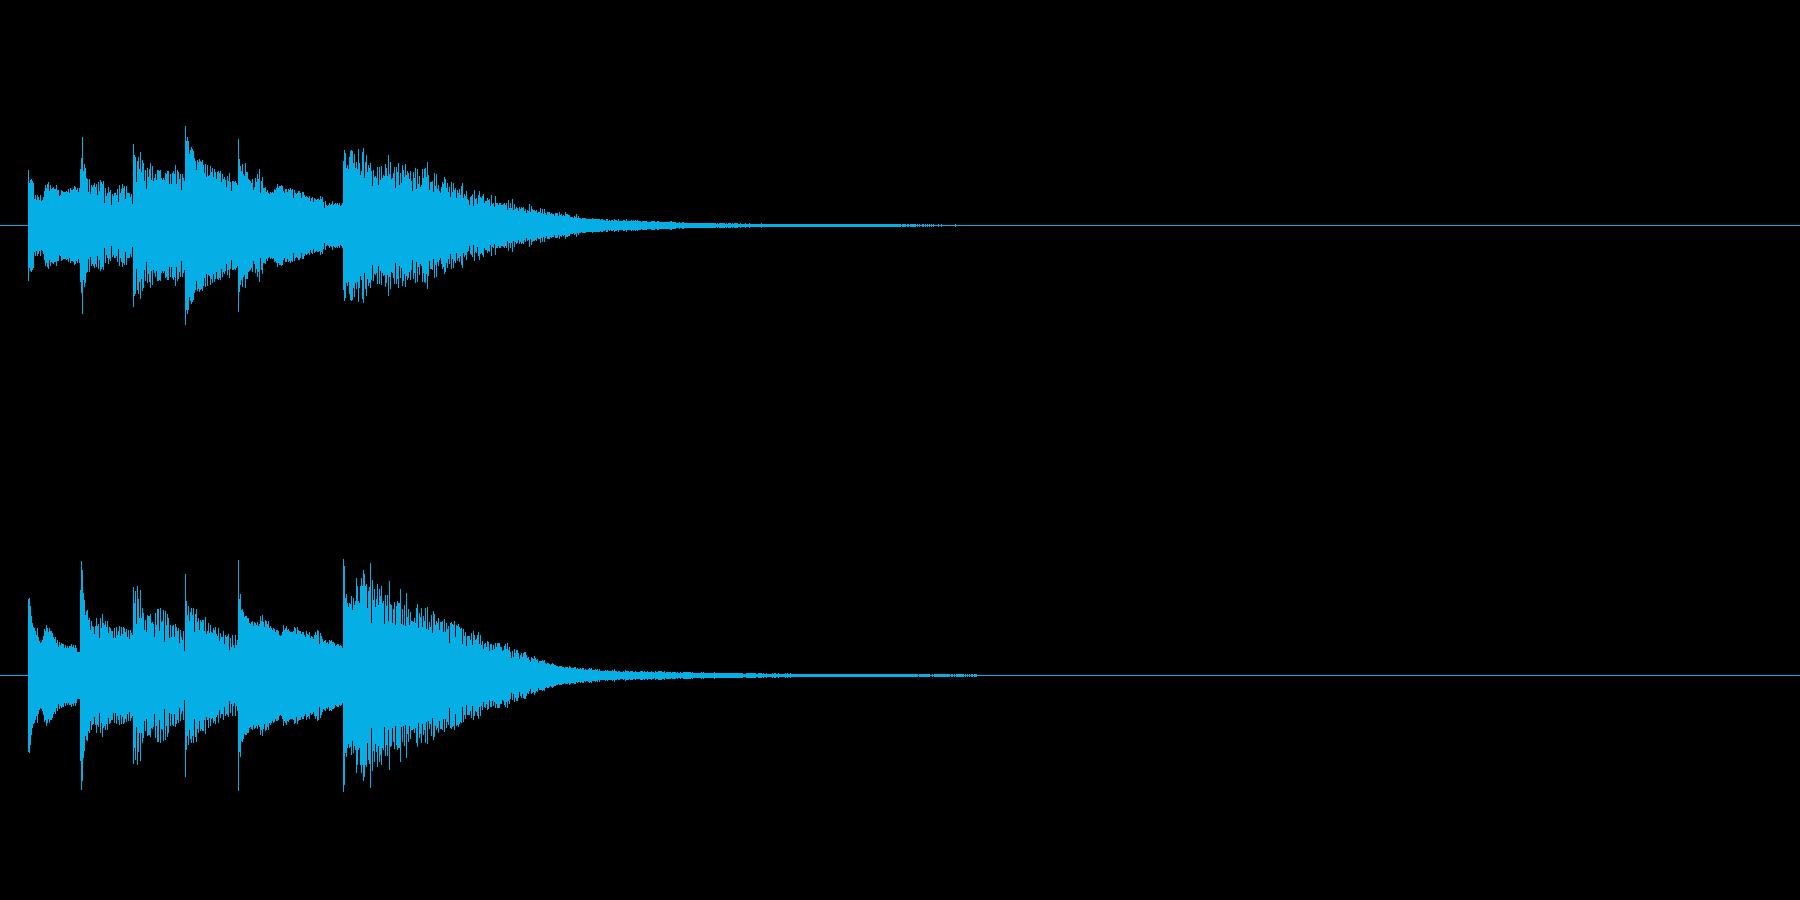 キラキラ音の着信音フレーズの再生済みの波形